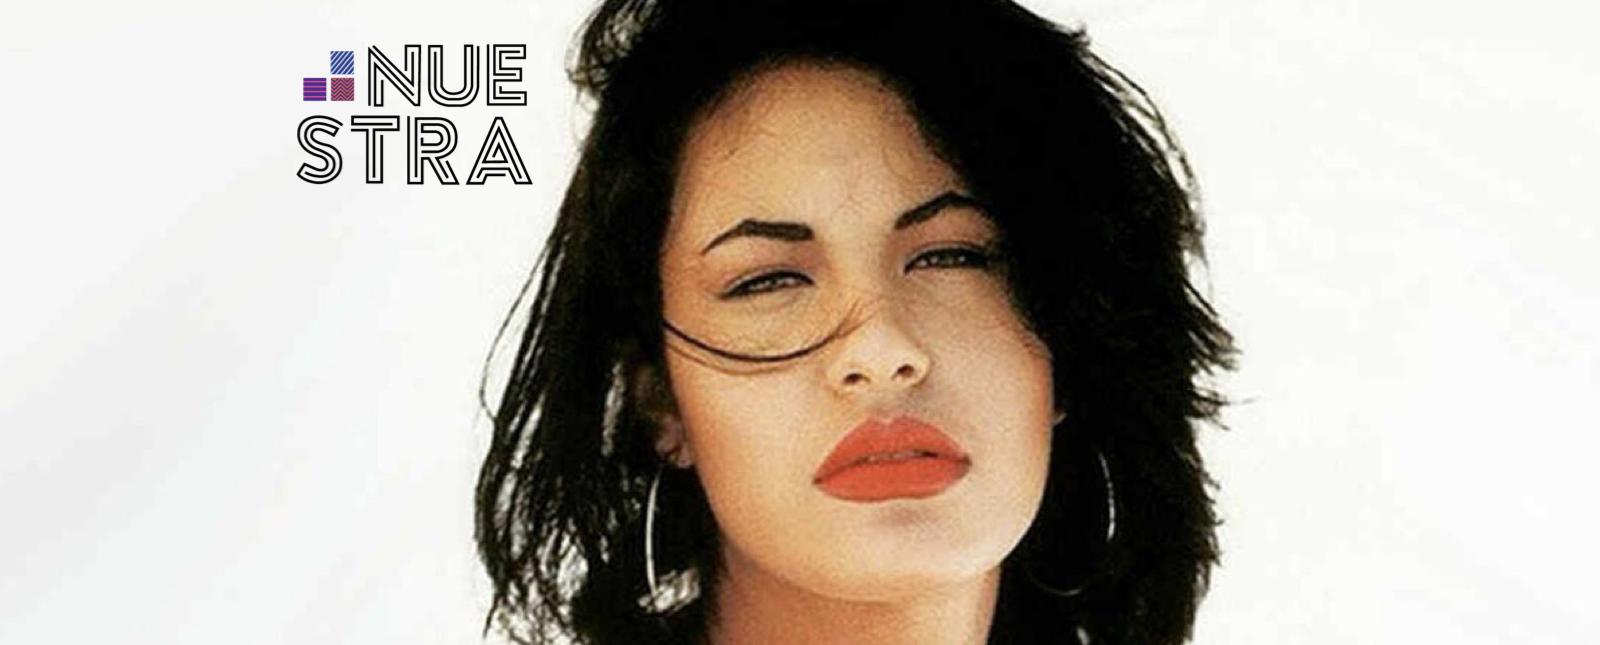 selena-quintanilla-biography-music-death-icon